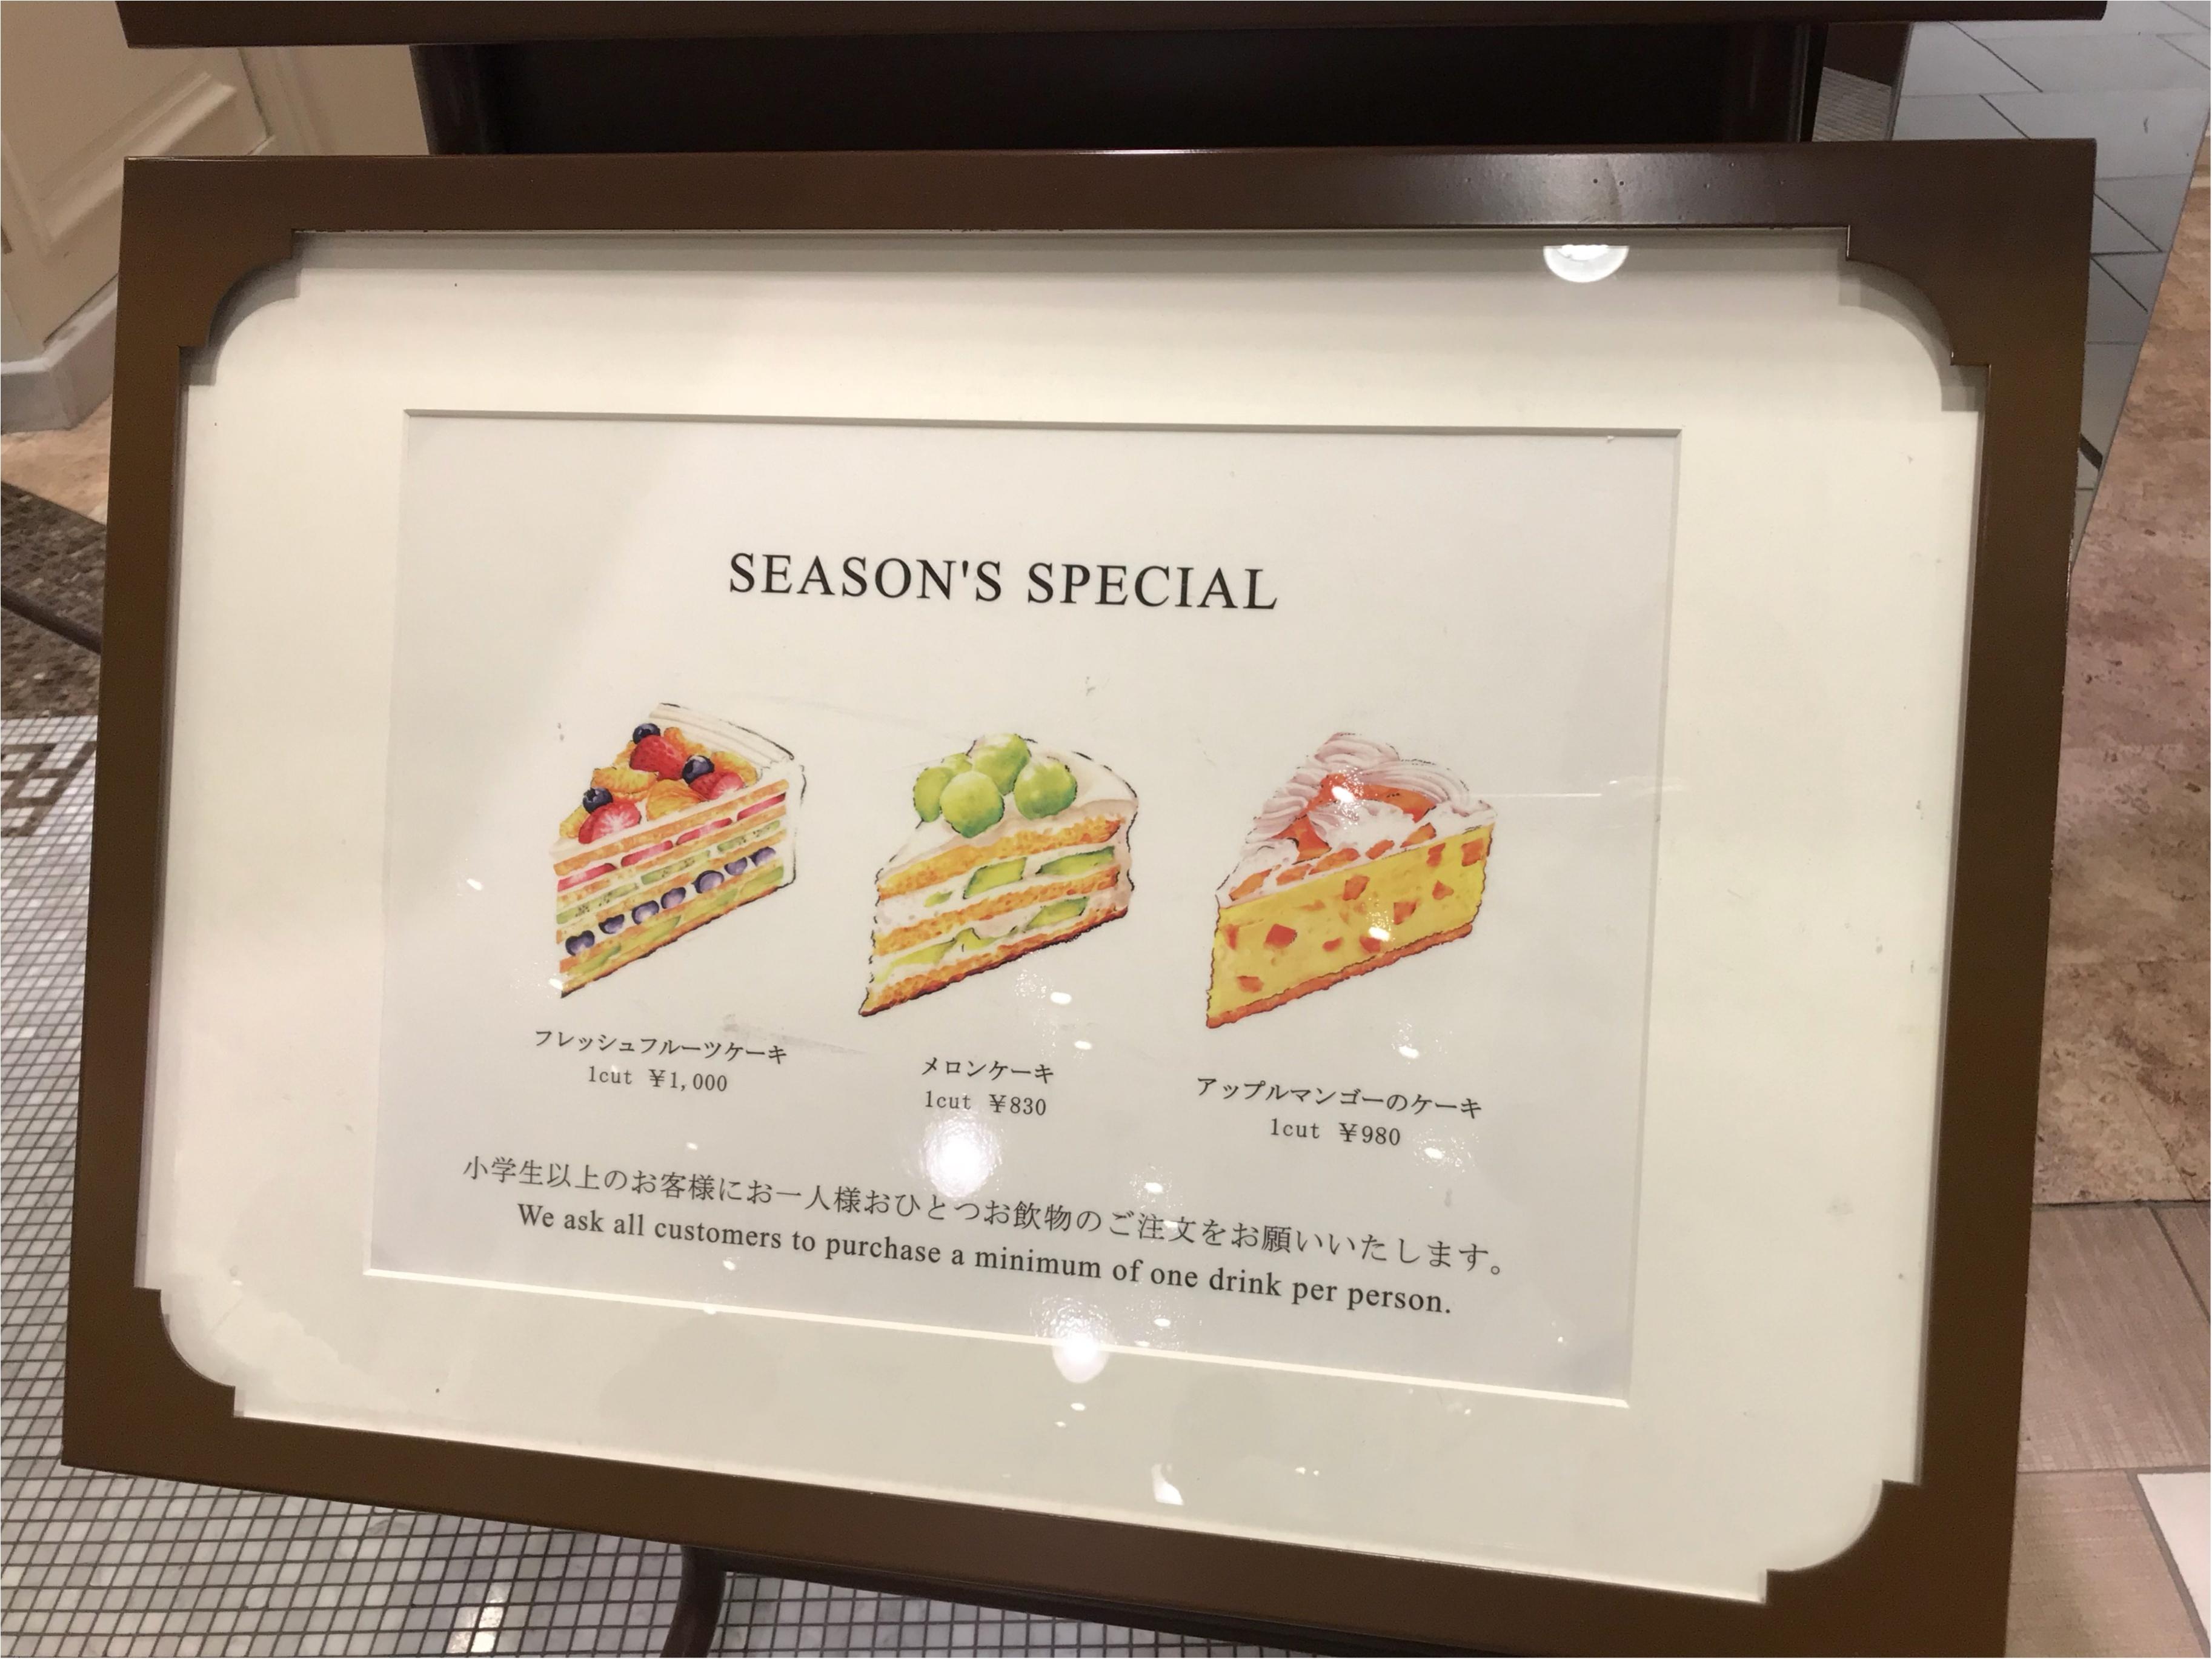 【HARBS期間限定ケーキ〜メロン特集②〜】すべては美味しいメロンと○○のために!_1